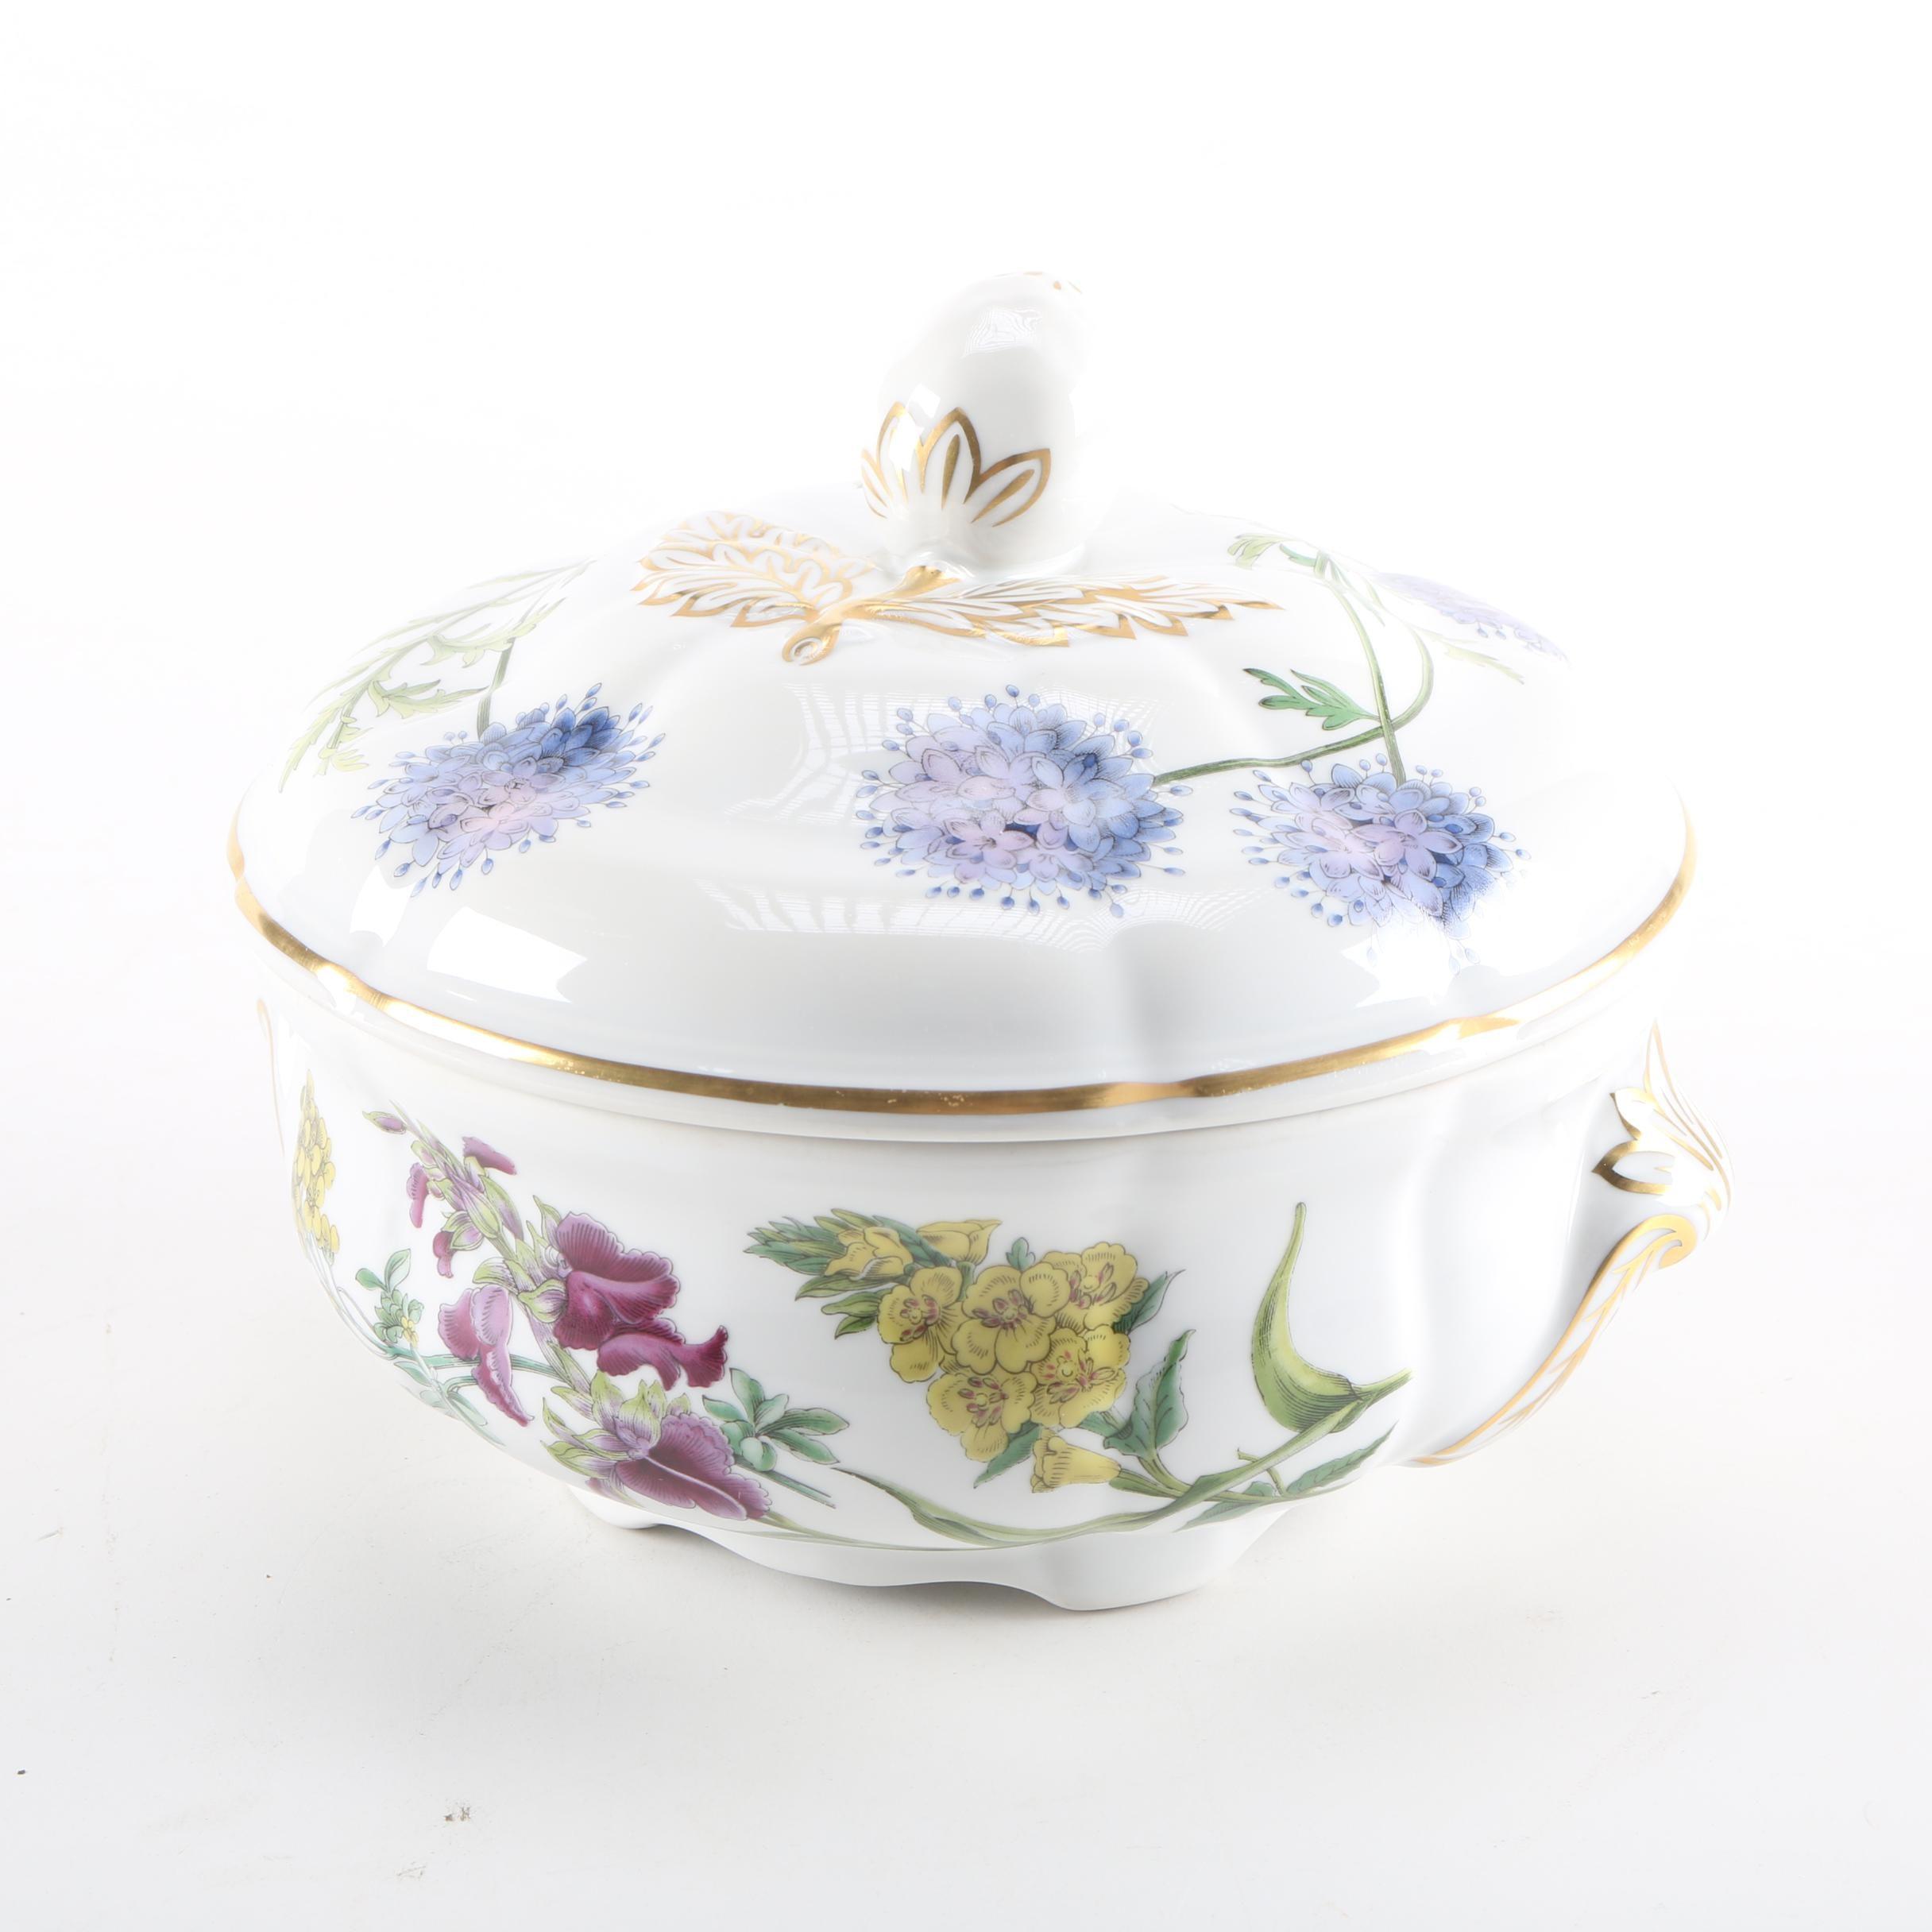 Spode  Stafford Flowers  Oven to Tableware ...  sc 1 st  EBTH.com & Spode